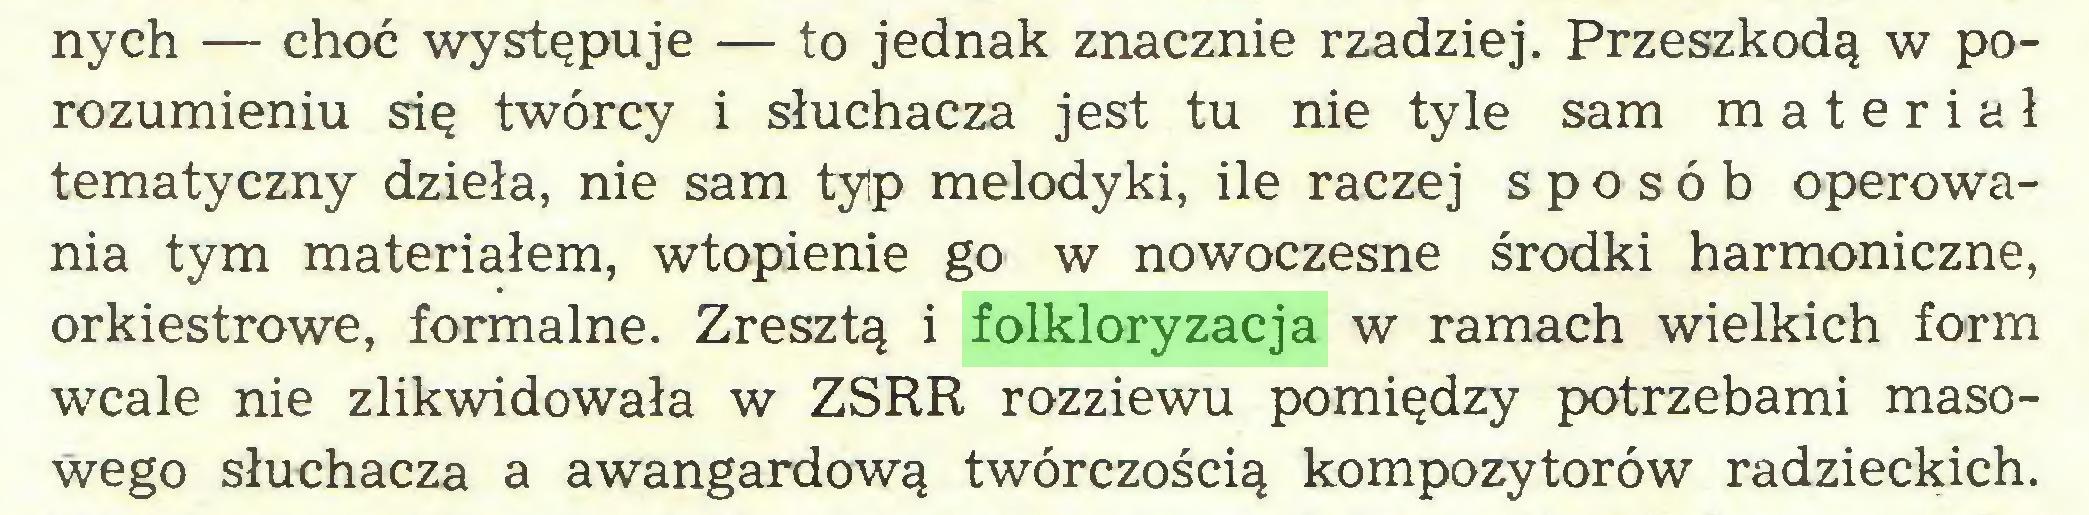 (...) nych — choć występuje — to jednak znacznie rzadziej. Przeszkodą w porozumieniu się twórcy i słuchacza jest tu nie tyle sam materiał tematyczny dzieła, nie sam tylp melodyki, ile raczej sposób operowania tym materiałem, wtopienie go w nowoczesne środki harmoniczne, orkiestrowe, formalne. Zresztą i folkloryzacja w ramach wielkich form wcale nie zlikwidowała w ZSRR rozziewu pomiędzy potrzebami masowego słuchacza a awangardową twórczością kompozytorów radzieckich...